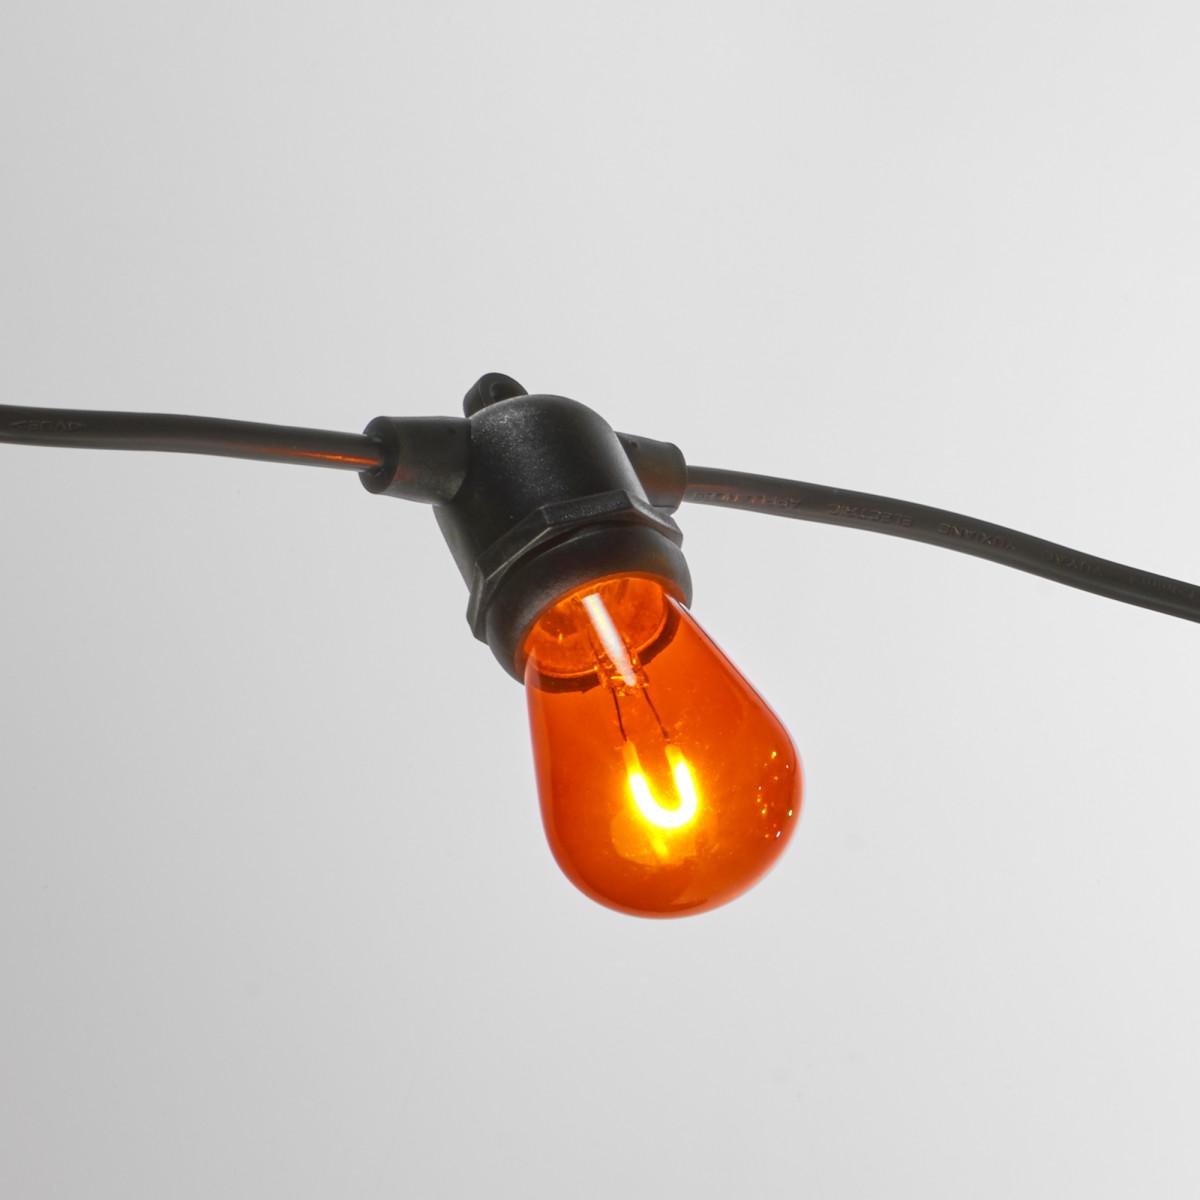 Patio 20 Innen- und Außen Lichterkette mit bunten LED's - 20 Meter